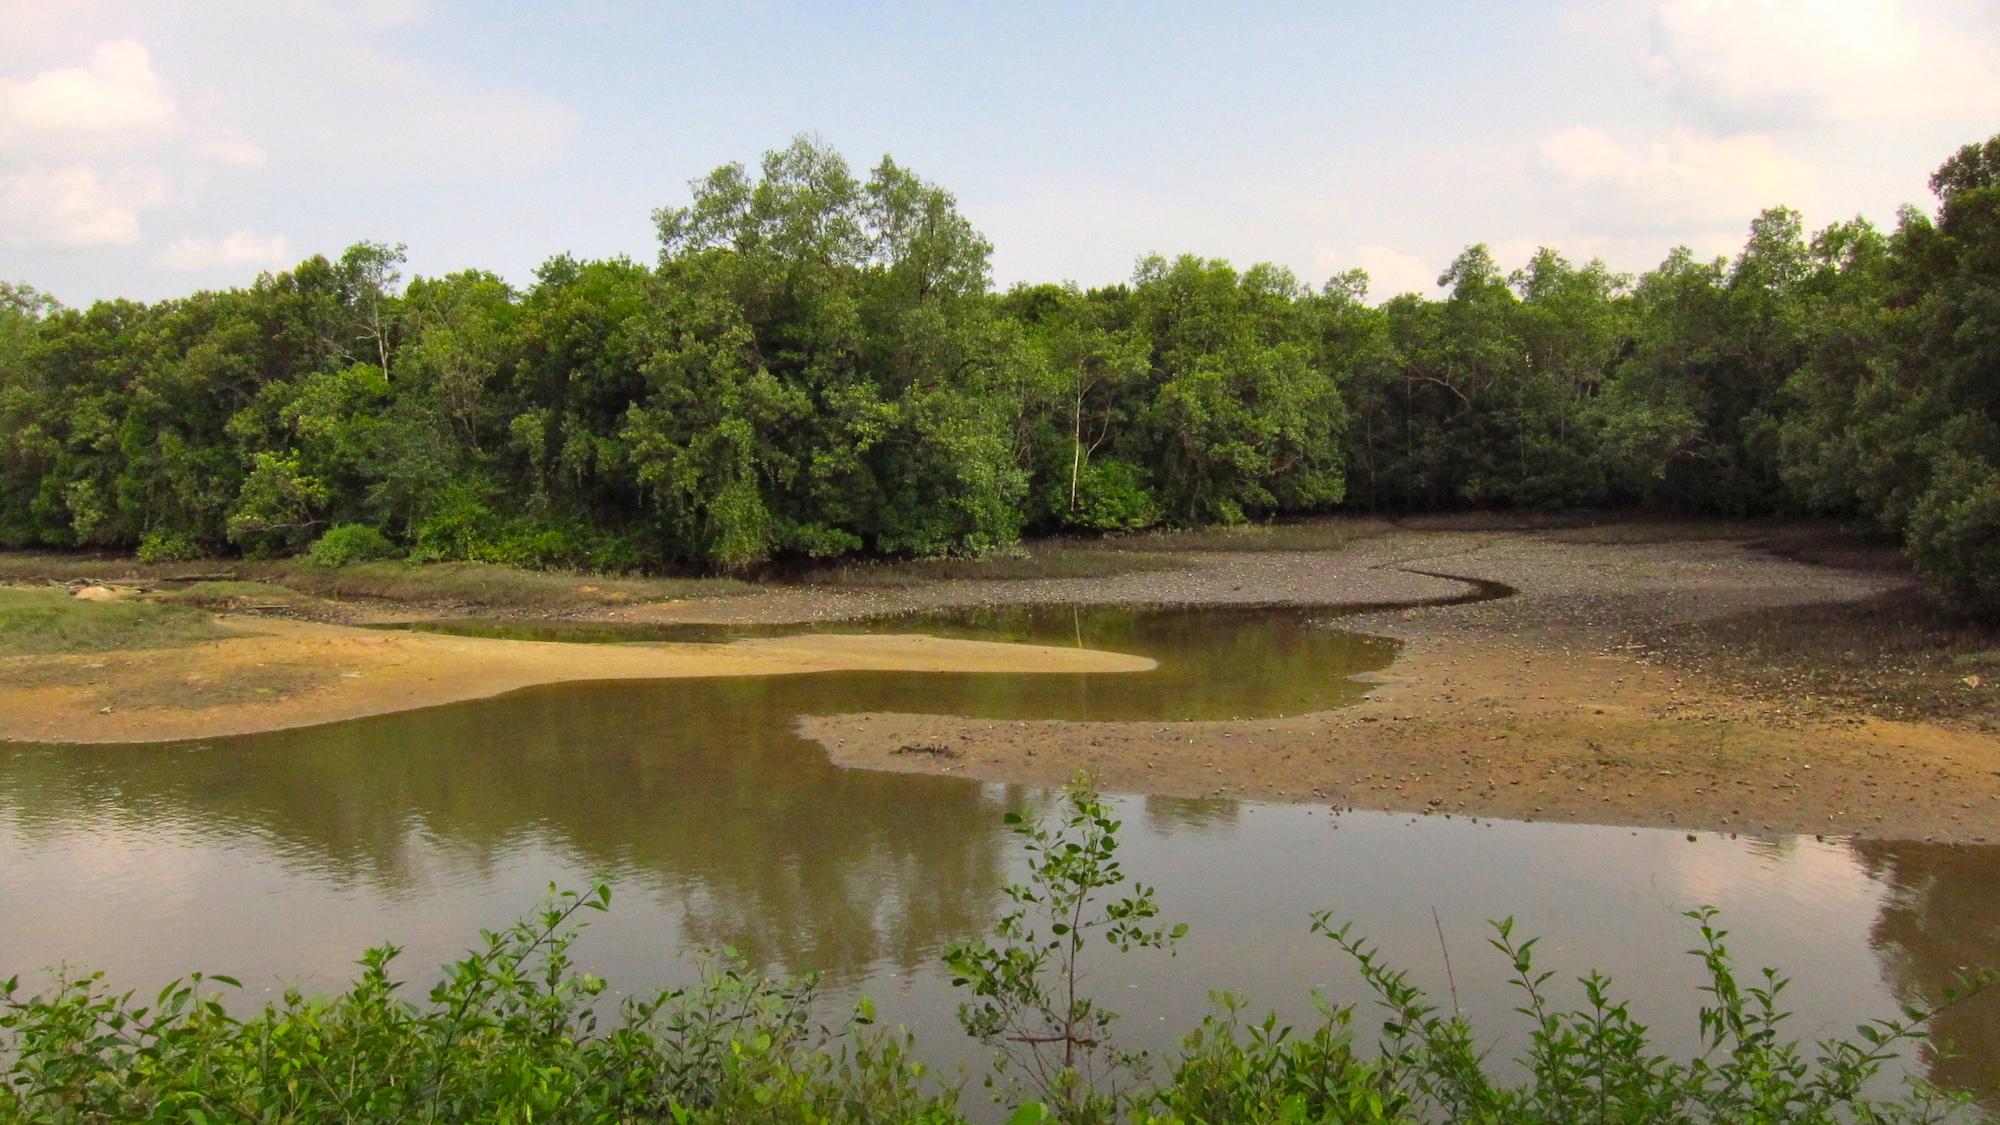 Les vasières exposées à marée basse dans la réserve des zones humides de Sungei Bulah offrent un buffet pour les oiseaux. Image de Qingwu Zhou via Wikimedia Commons (CC BY-SA 3.0).